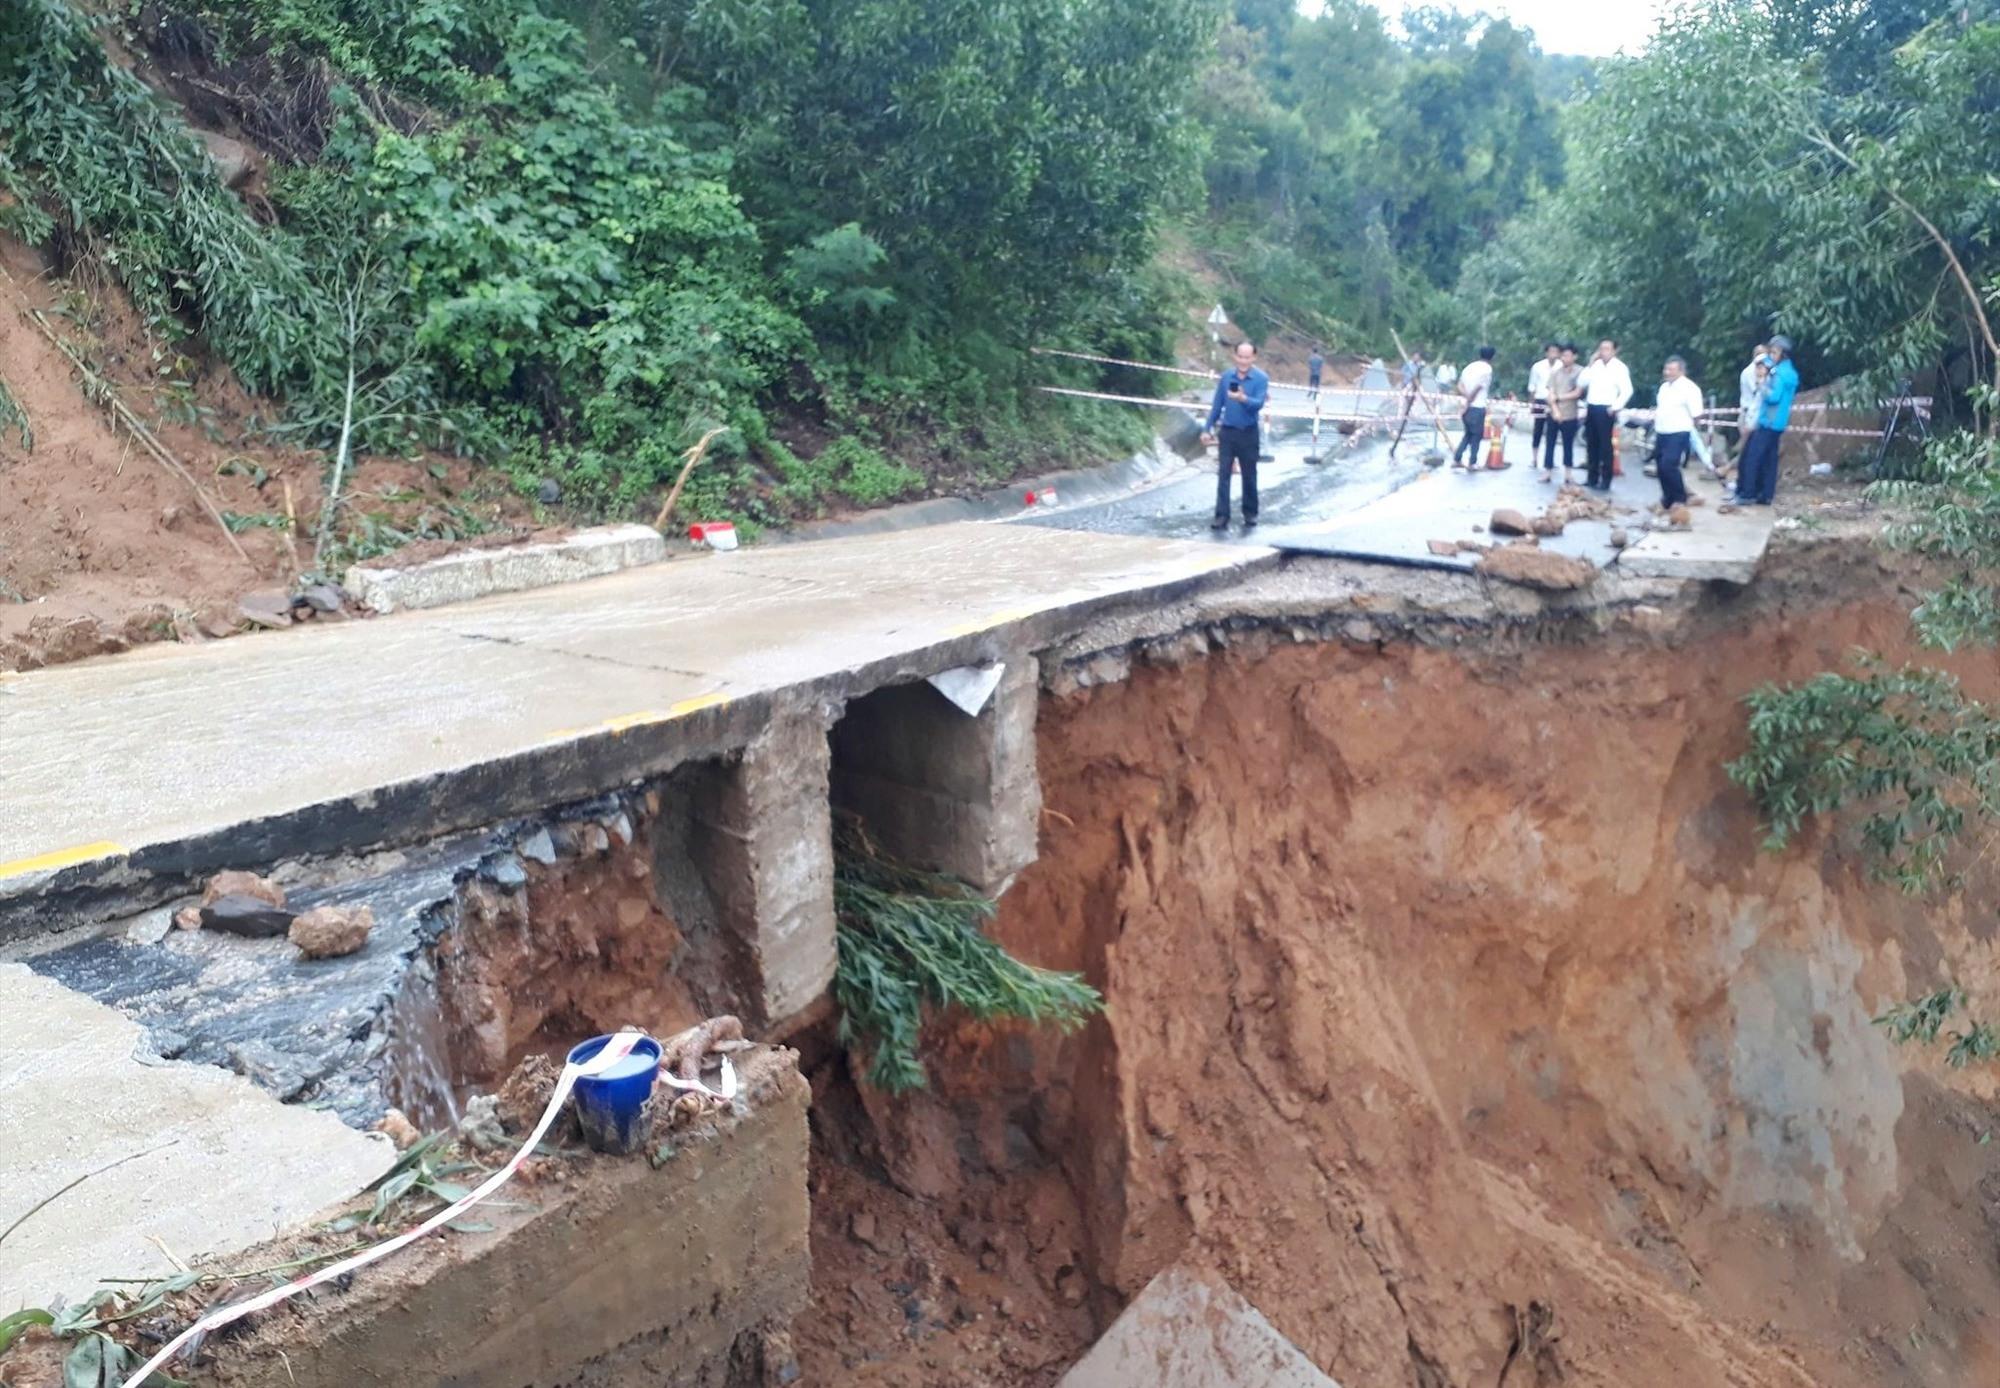 Đoạn đường trên Đèo Le thuộc địa phận xã Quế Long (huyện Quế Sơn) bị sạt lở nghiêm trọng. Ảnh: T.S